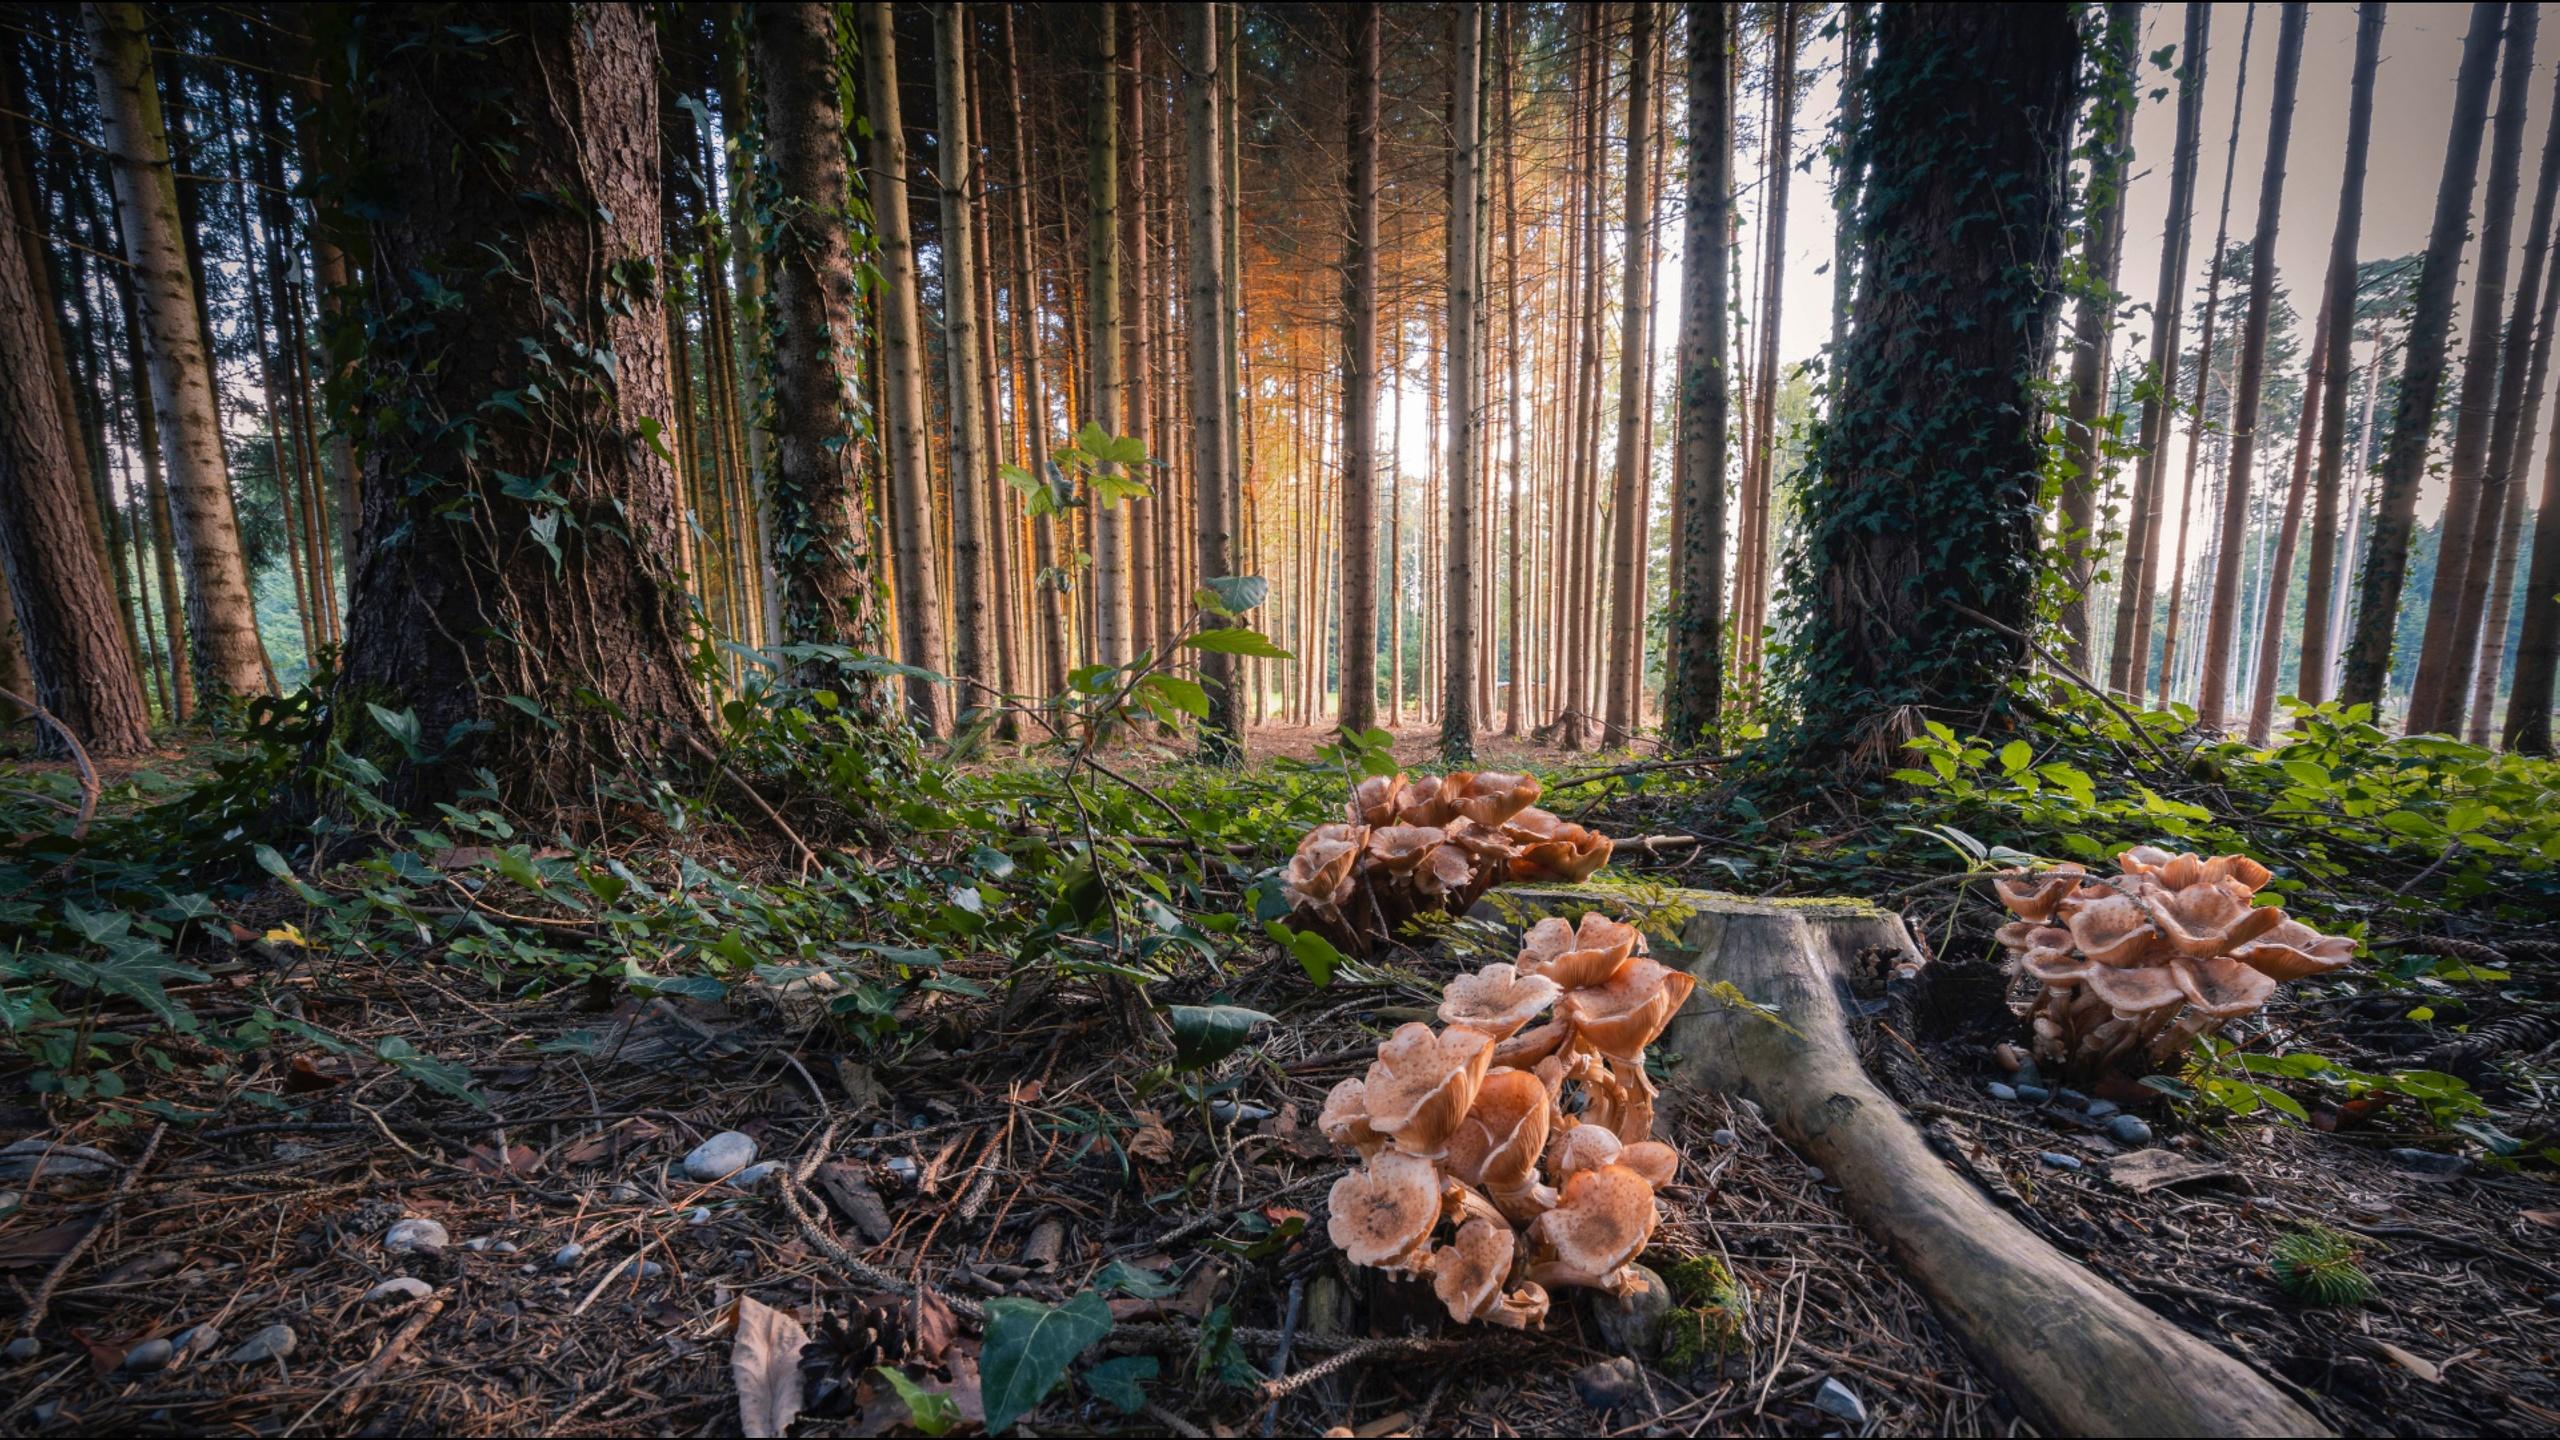 природа обои, пейзаж, алекс159 растягивает обоины как свое очко, алекс159 растягивает обоины как свое очко